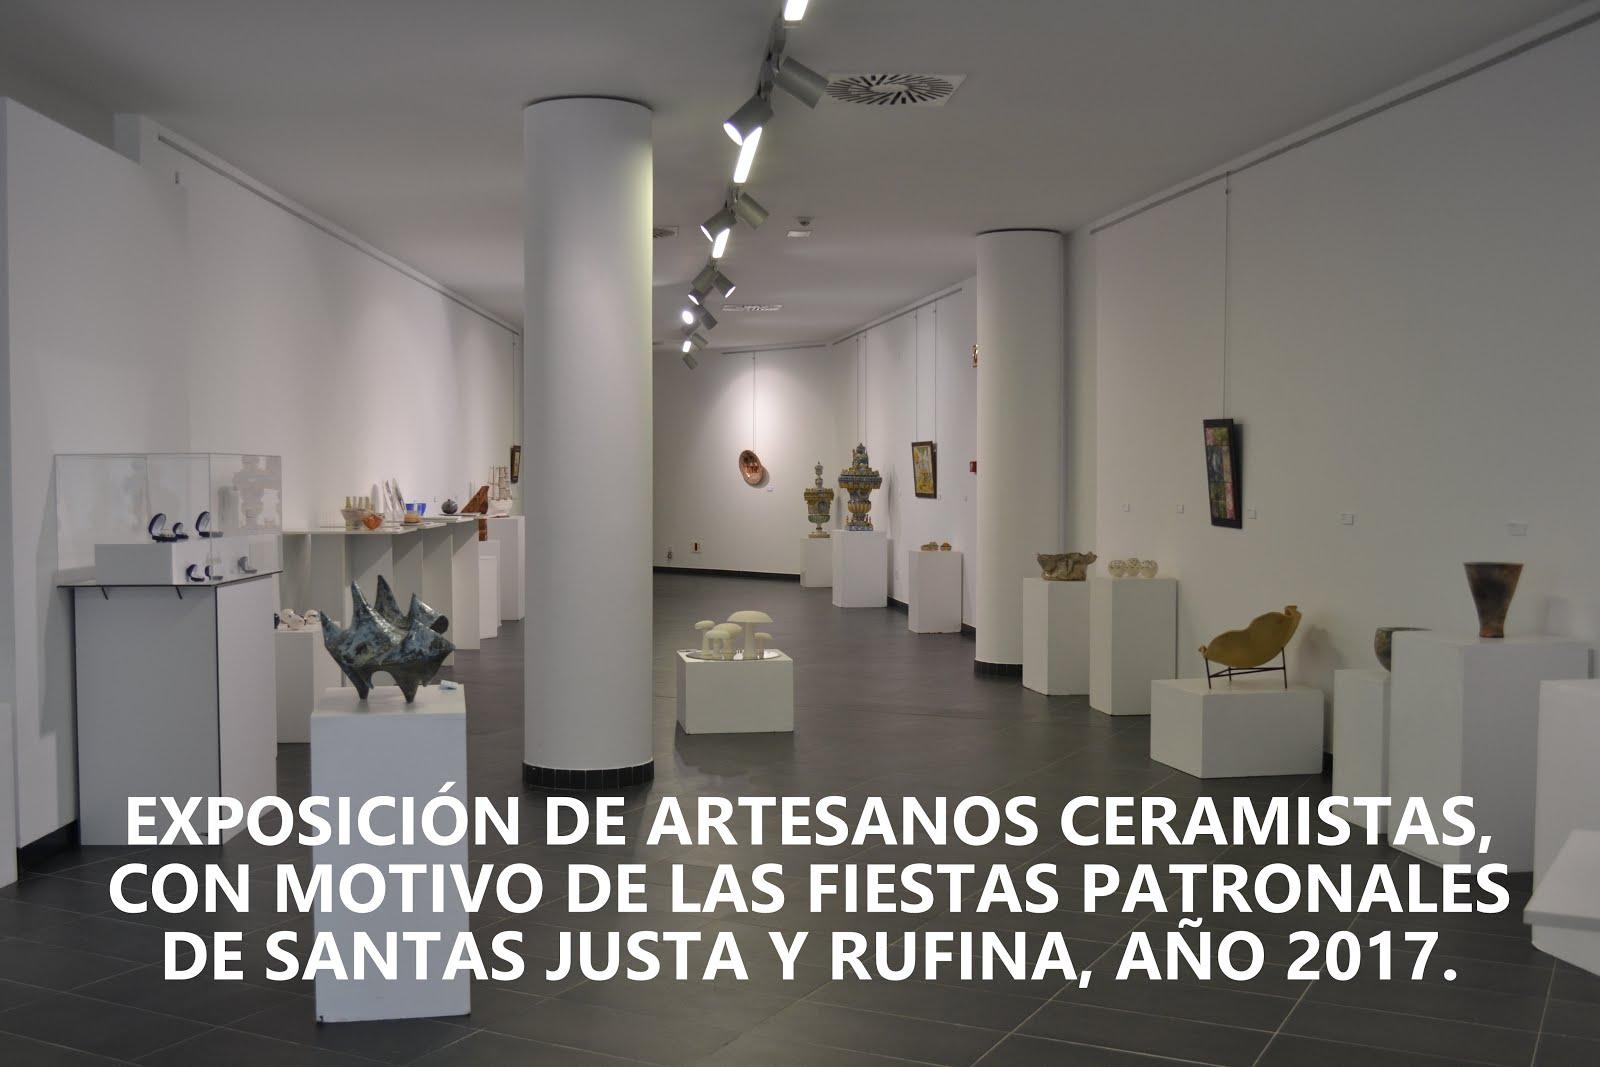 16.07.17 EXPOSICIÓN DE LOS ARTESANOS CERAMISTAS EN EL EDIFICIO CULTURAL EL ARTE